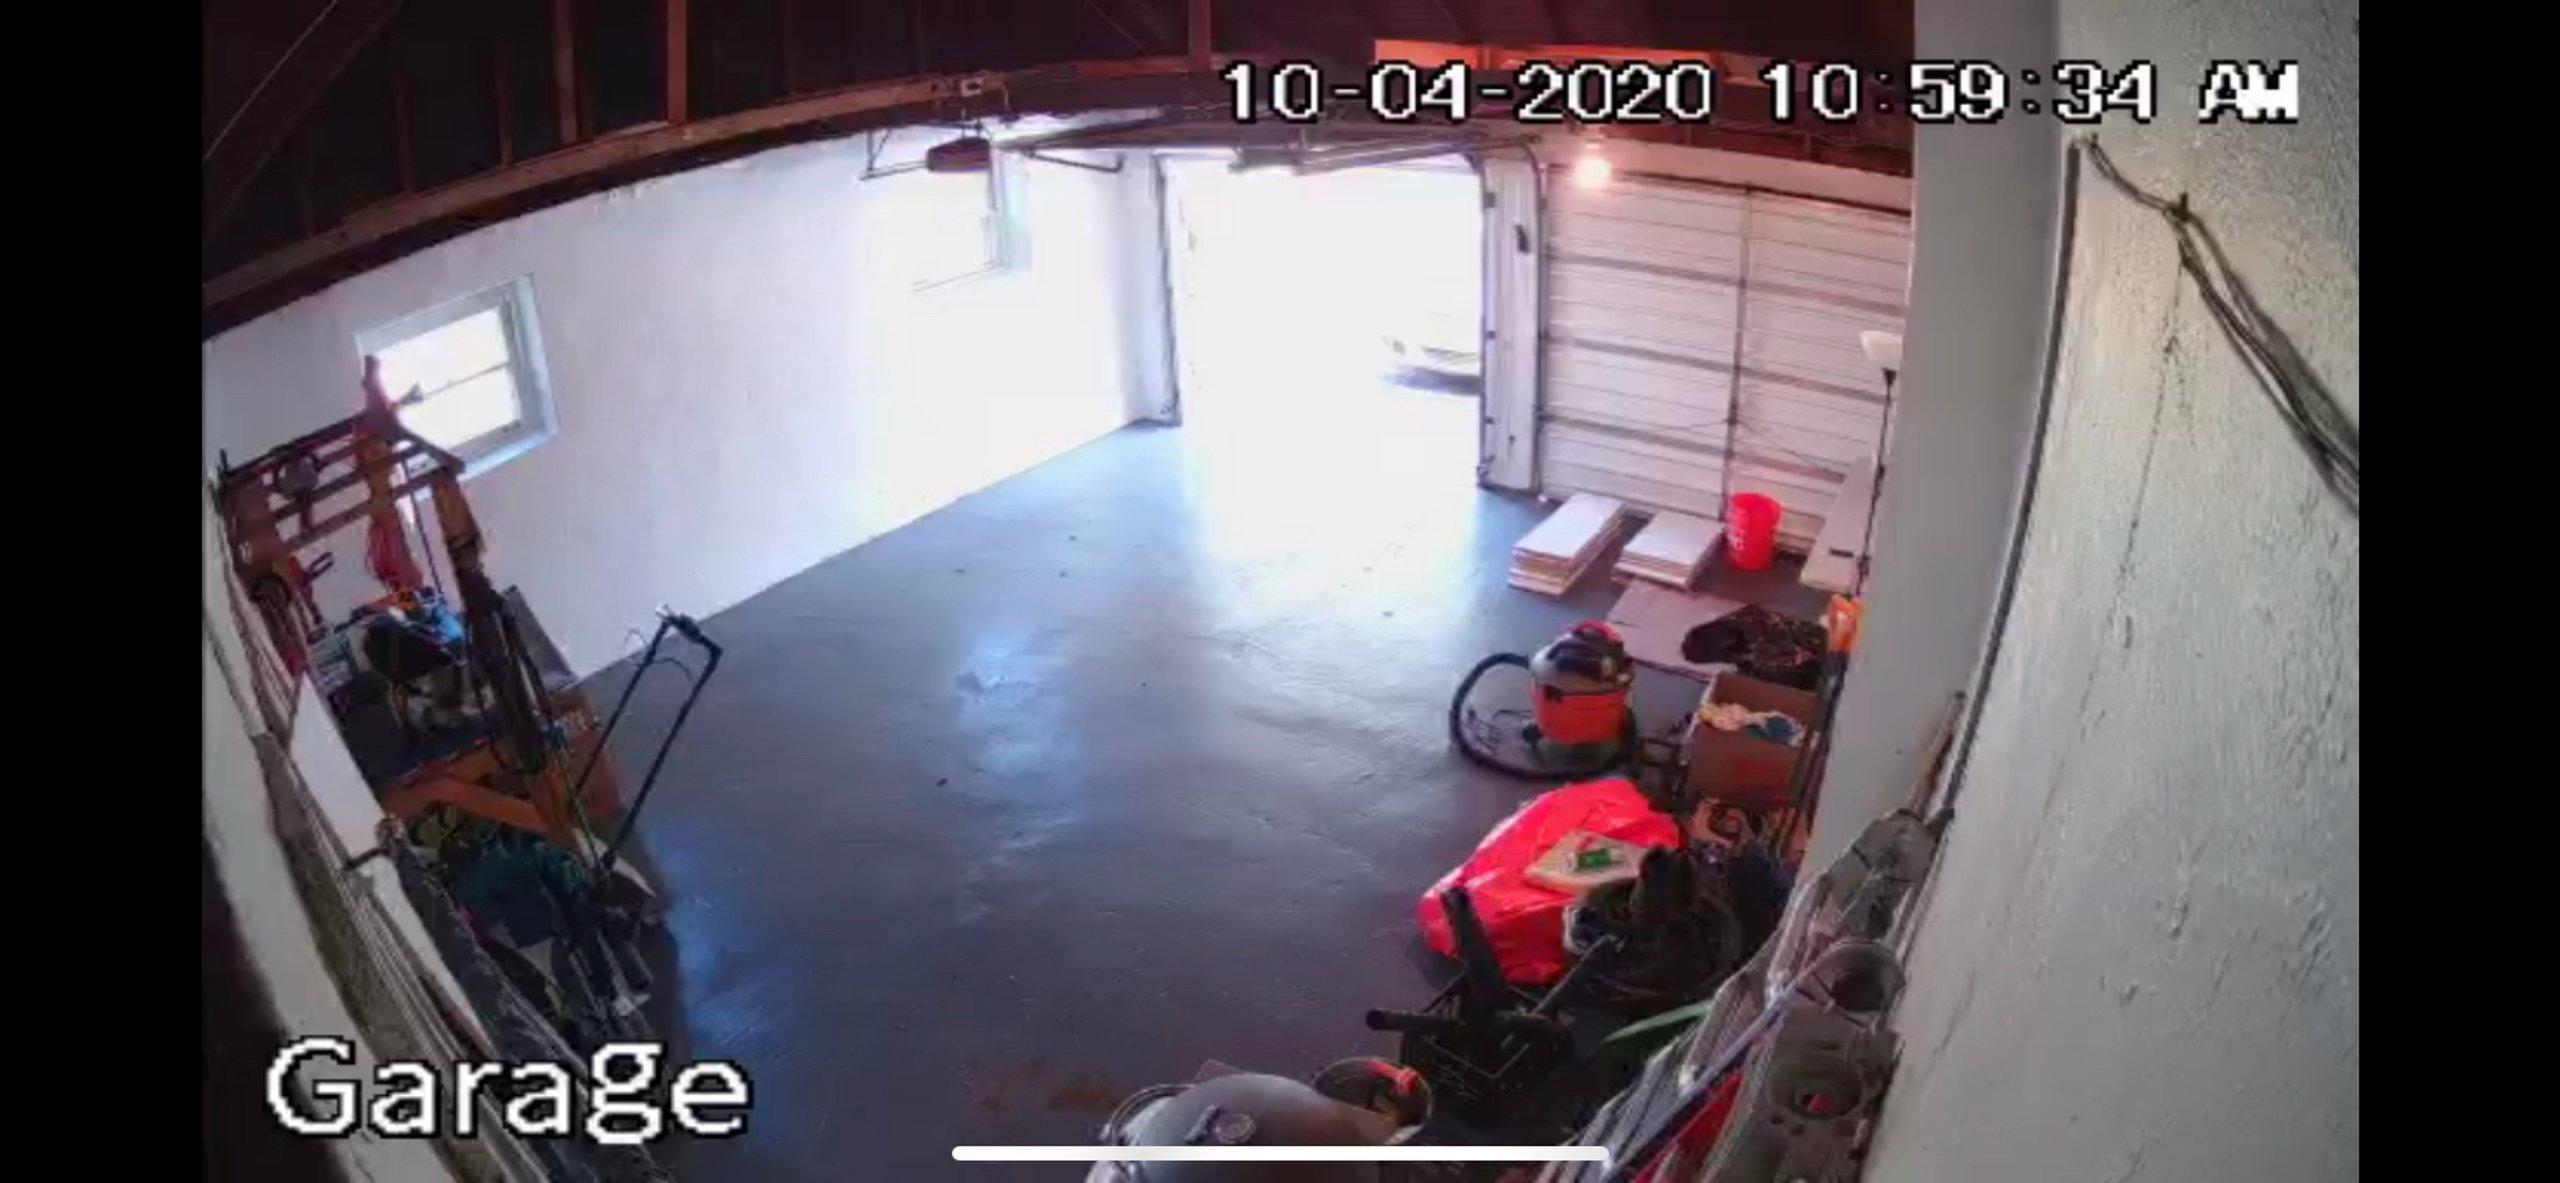 40x23 Garage self storage unit